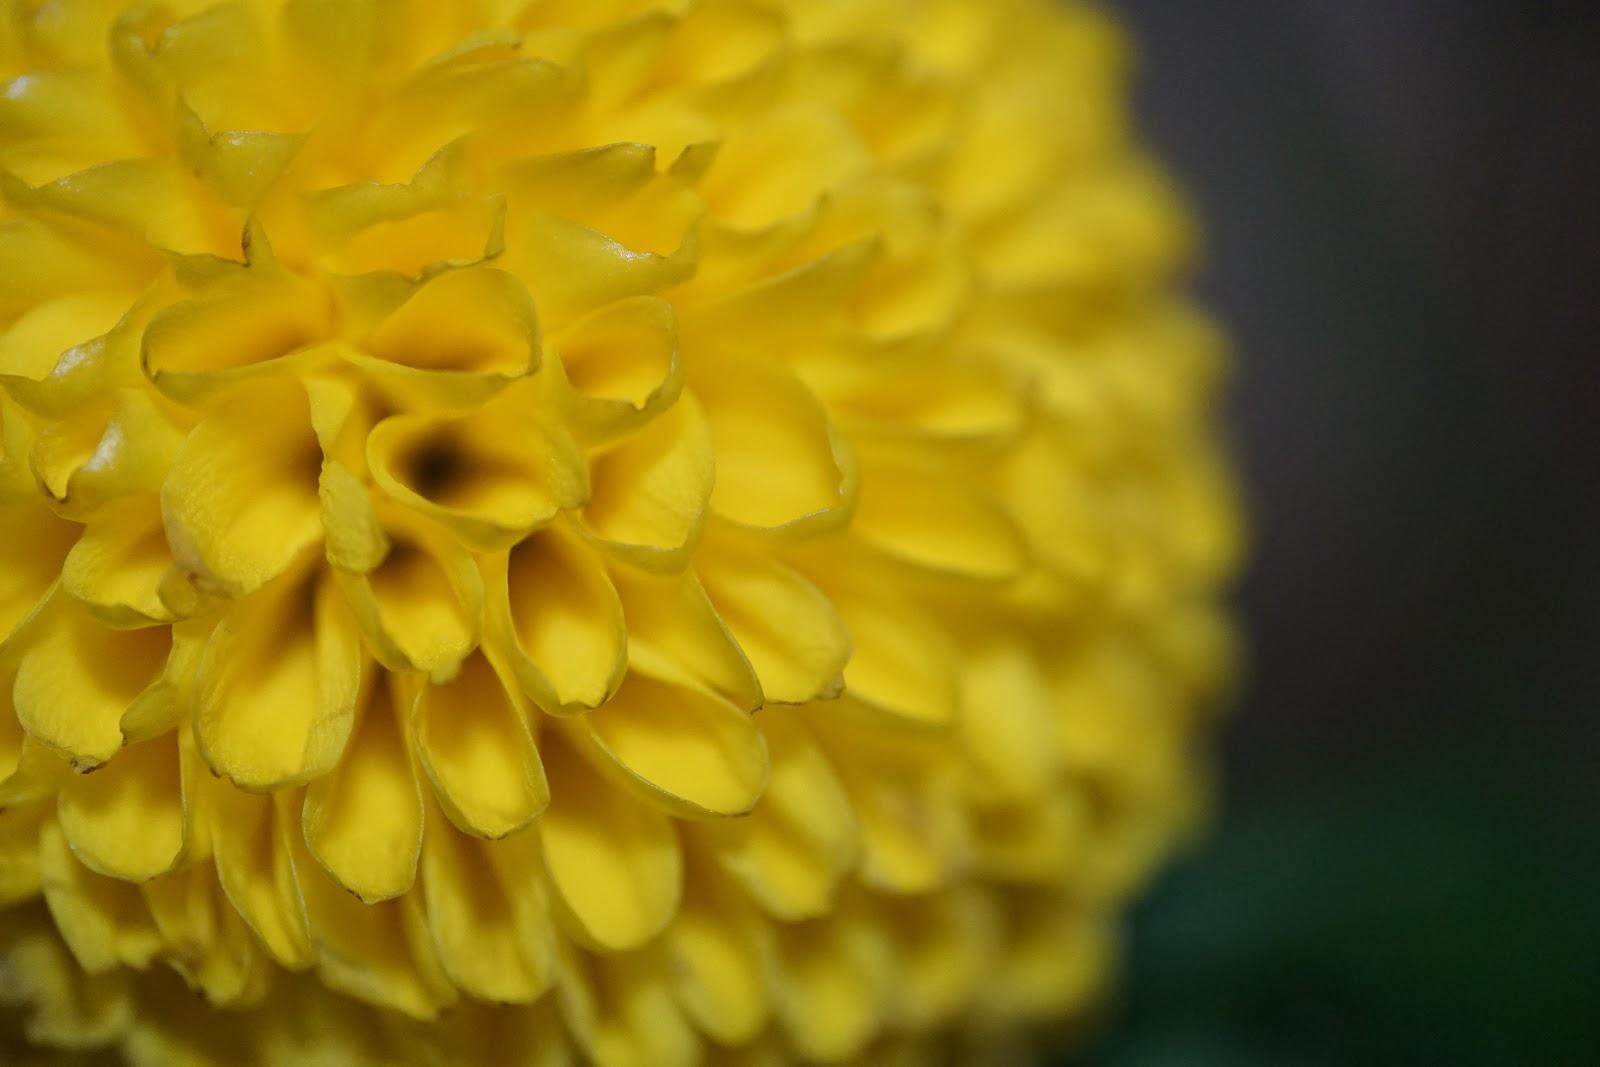 黄色の細かい花びらの真ん丸の花のマクロ撮影